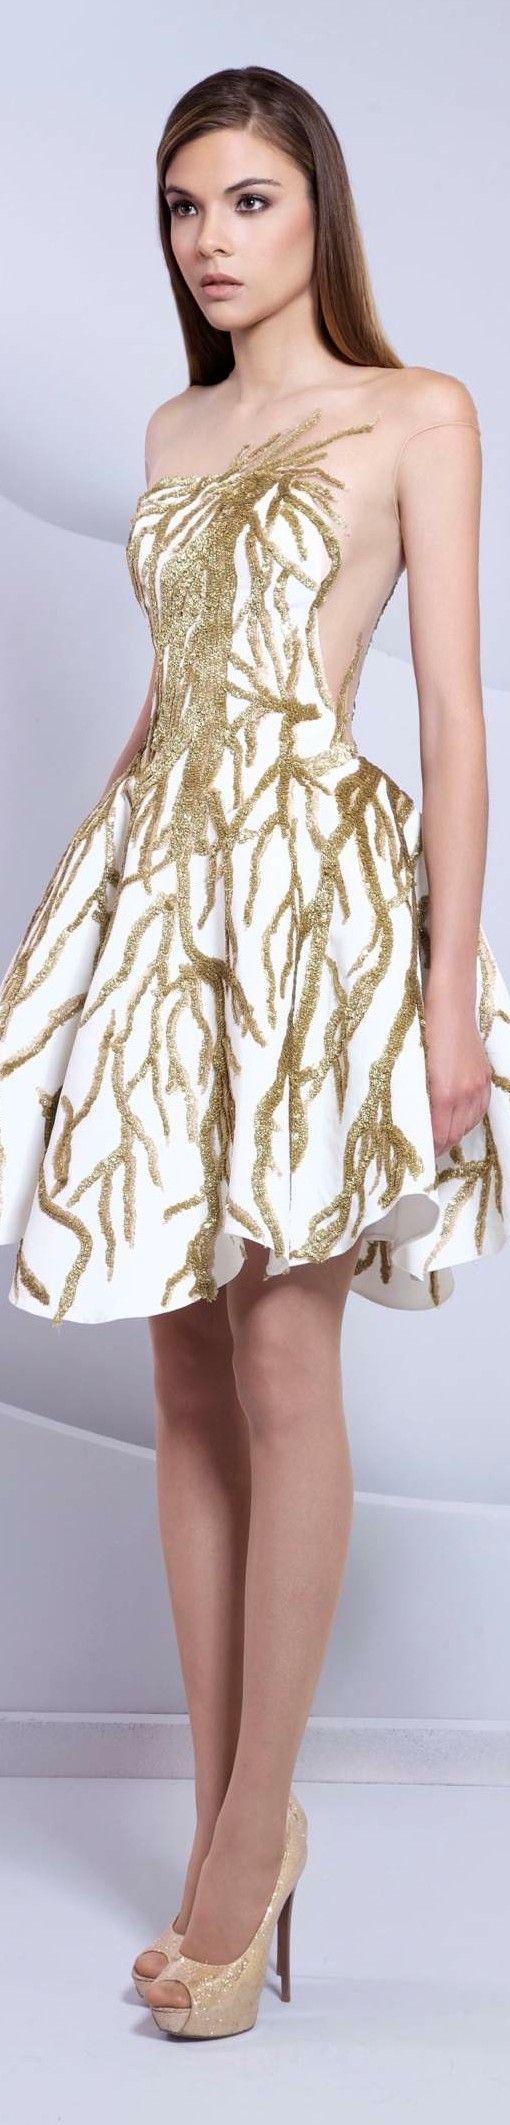 77c3dd588 vestidos-dourados-curtos-para-festas | moda | Dresses, Prom dresses e  Fashion